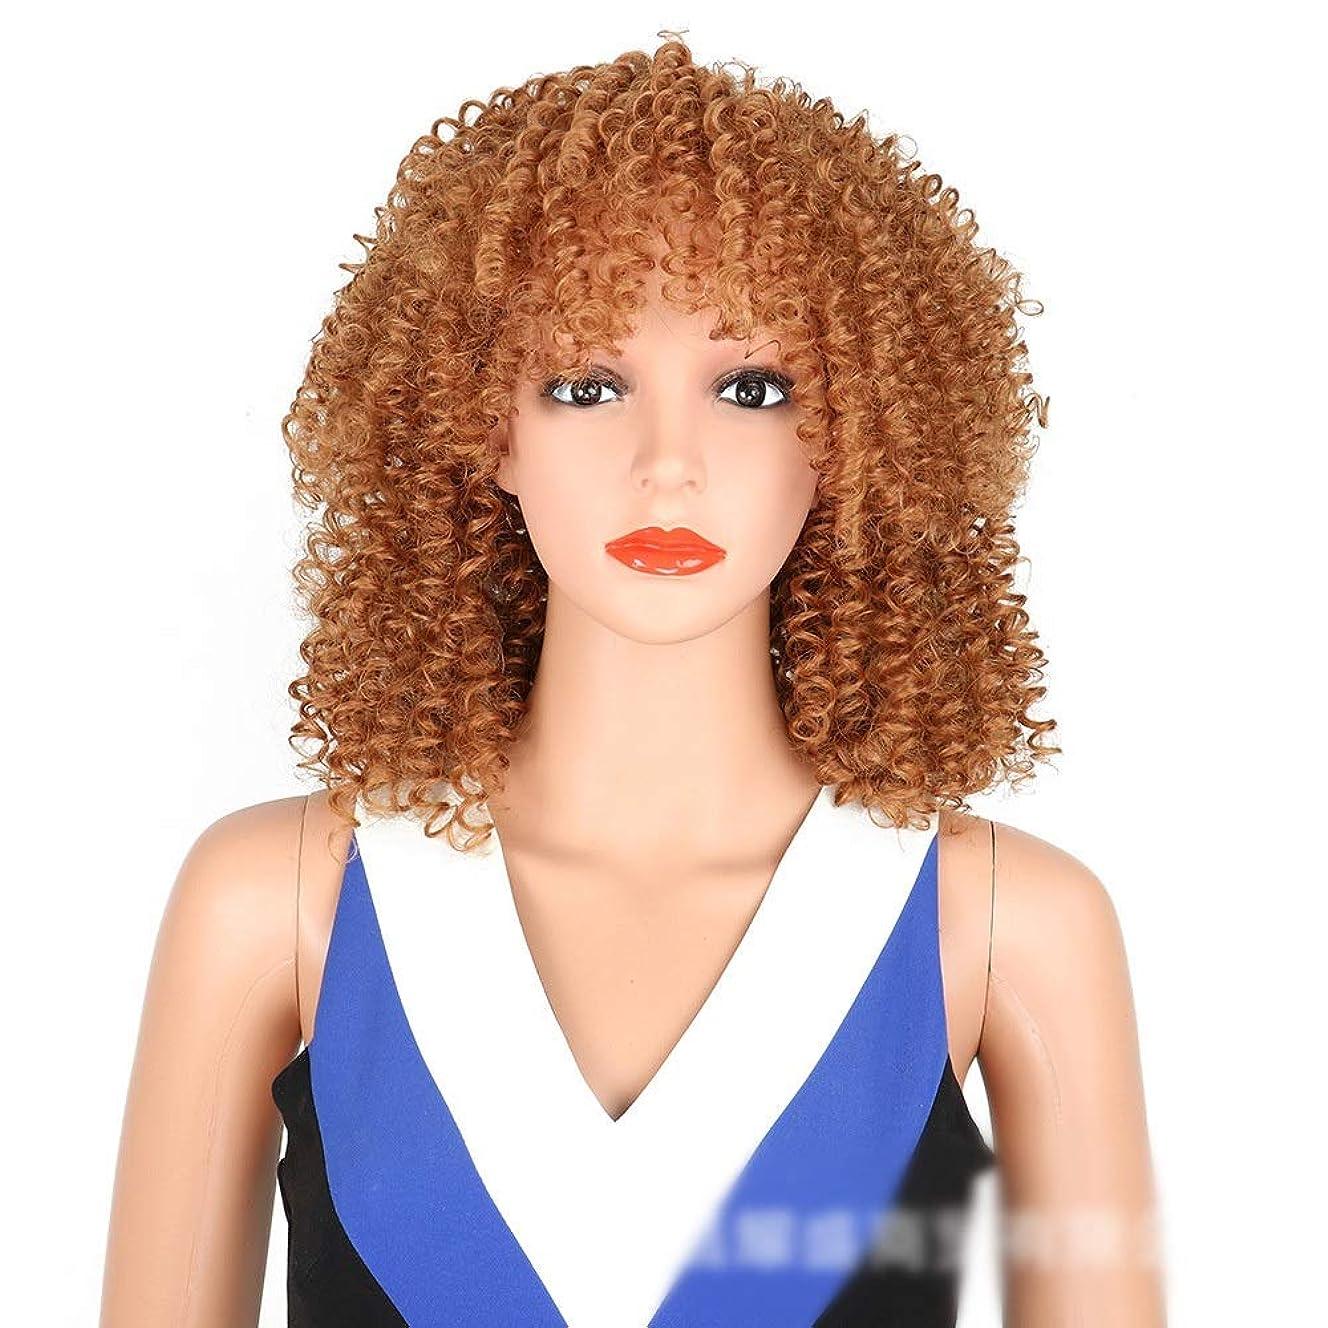 四回災害硬さHOHYLLYA アフリカの黒人女性の前髪爆発ヘッドの小さな巻き毛のかつらコスプレパーティードレスパーティーかつら (色 : ブラウン)